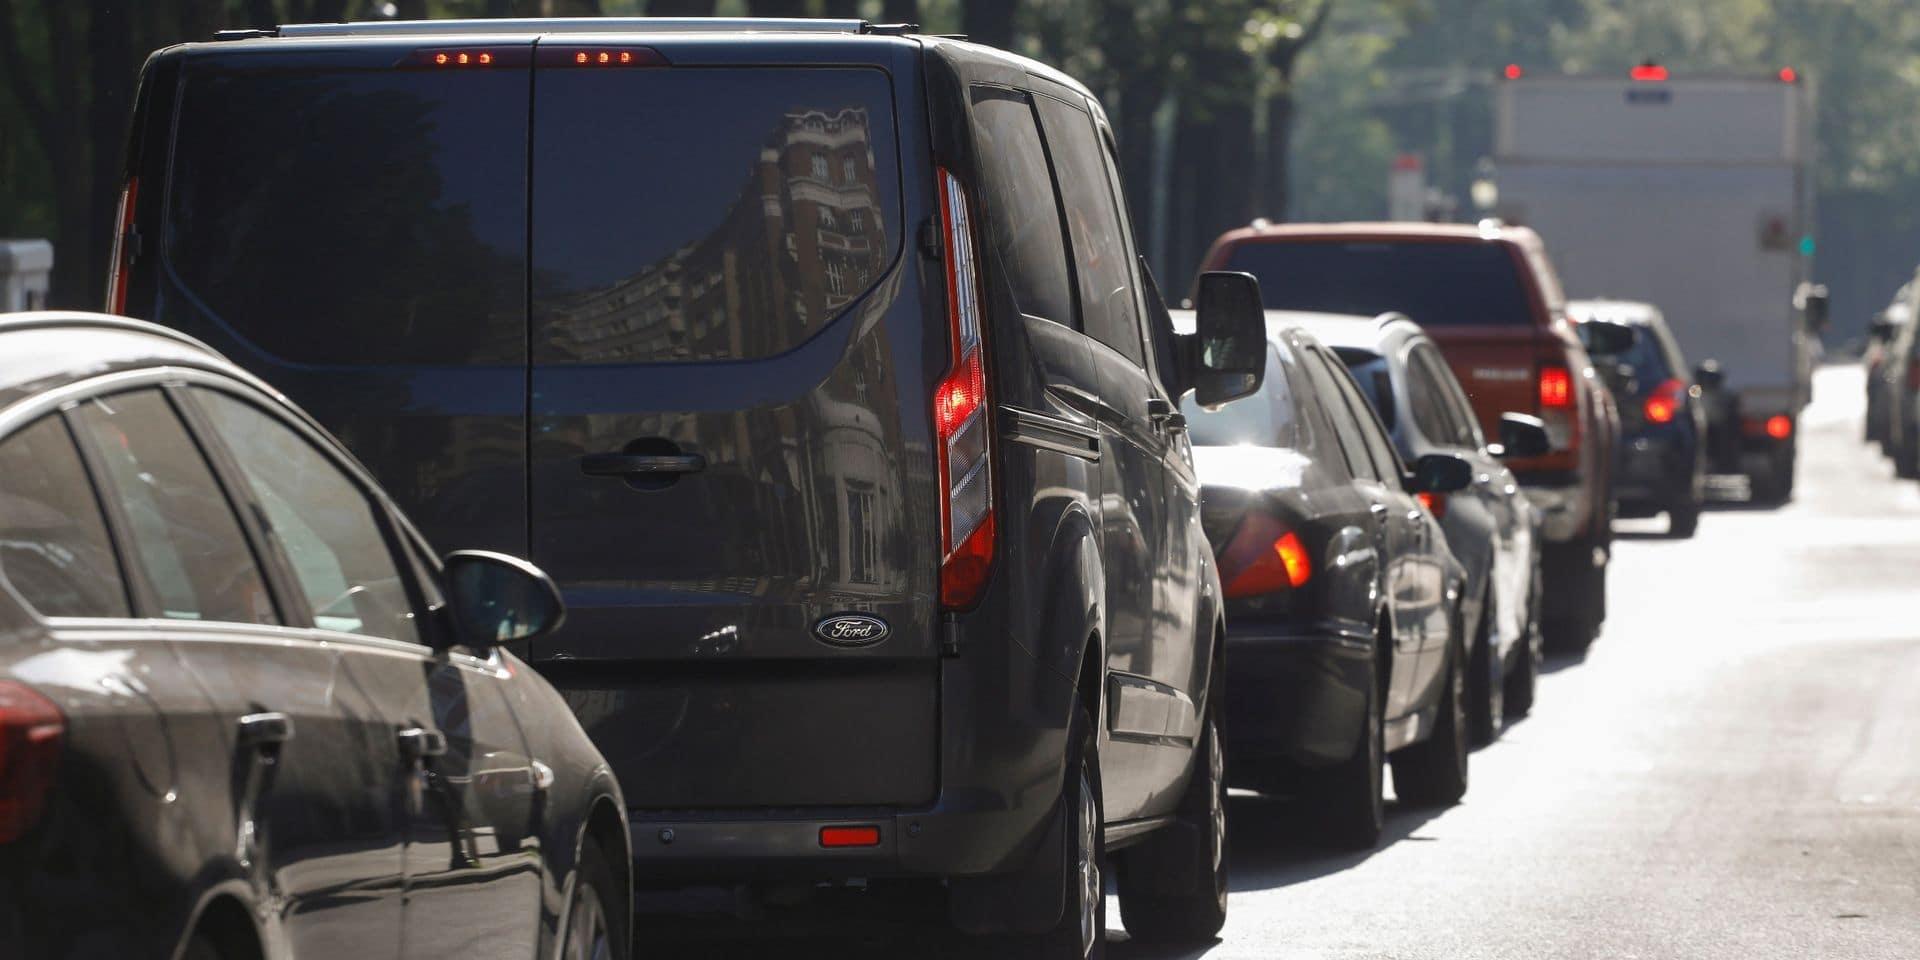 Véhicules diesel et essence bientôt interdits à Bruxelles: voici le nouveau calendrier de la zone de basses émissions